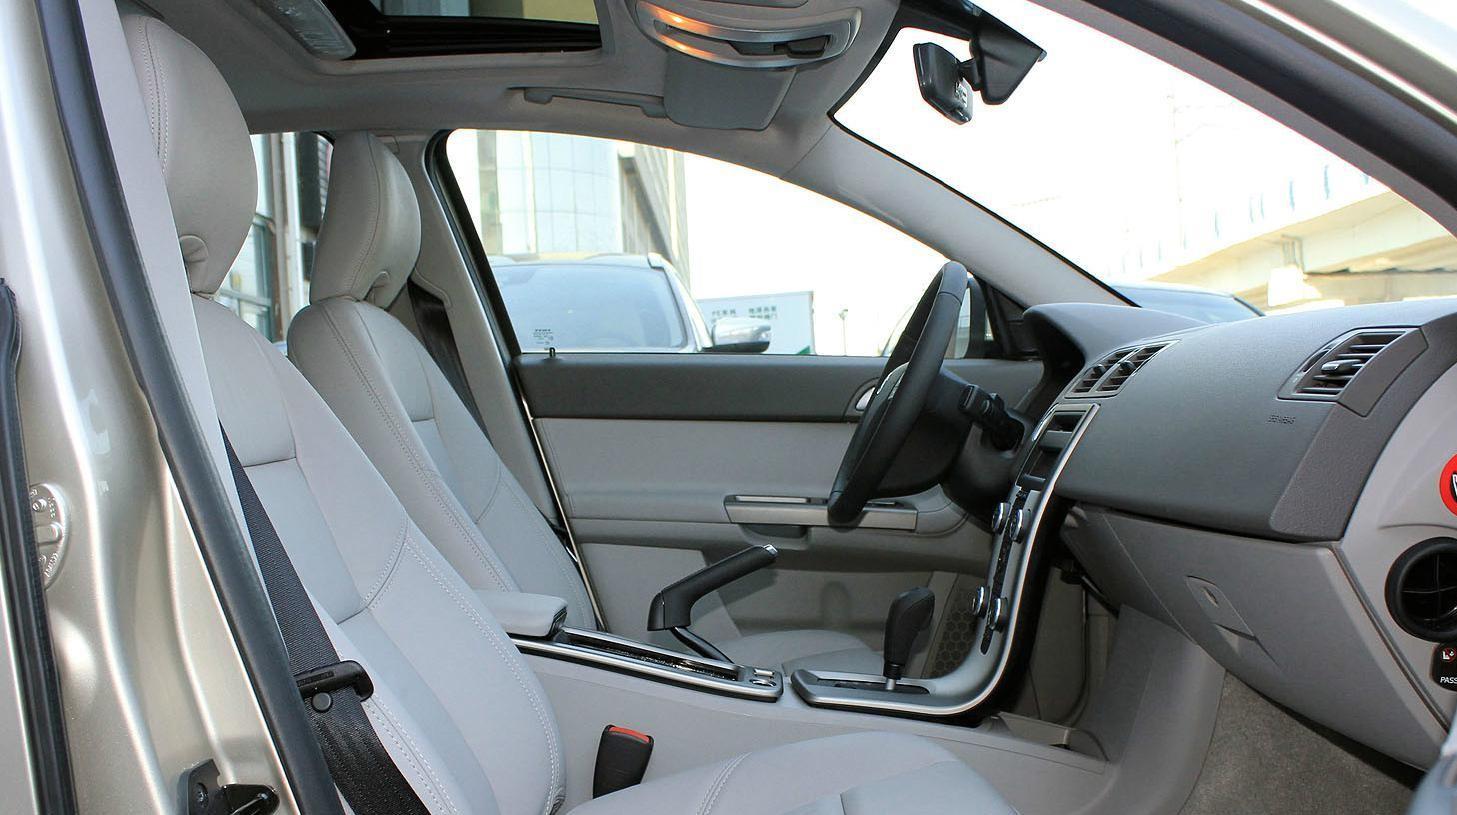 分享一款沃尔沃S40时尚图集,潮流的车身设计,线条感很强